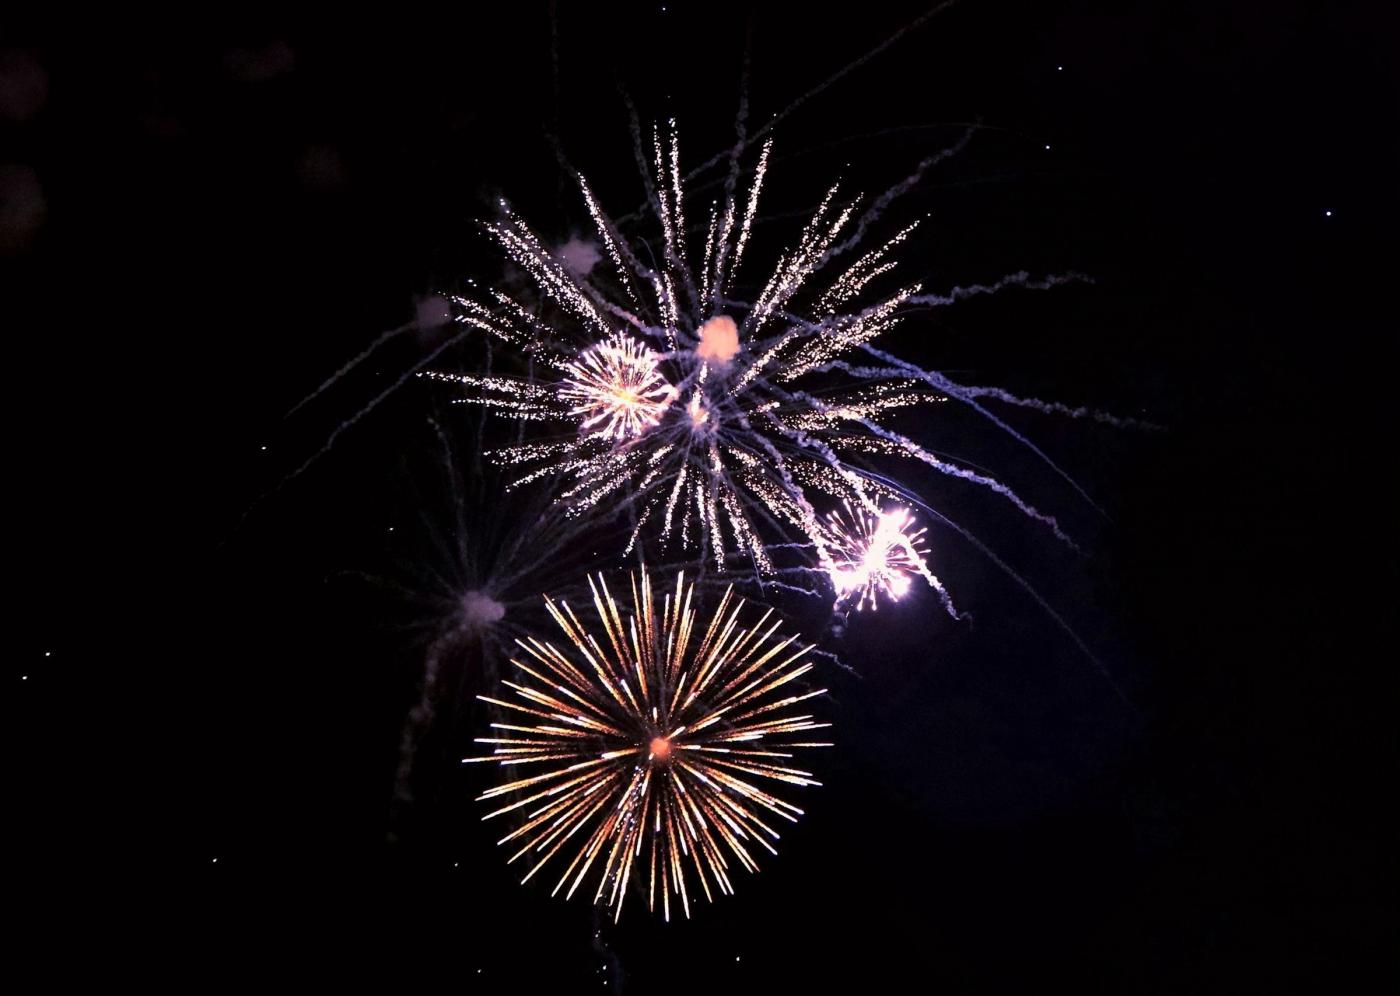 新泽西小镇125岁生日焰火实录_图1-15